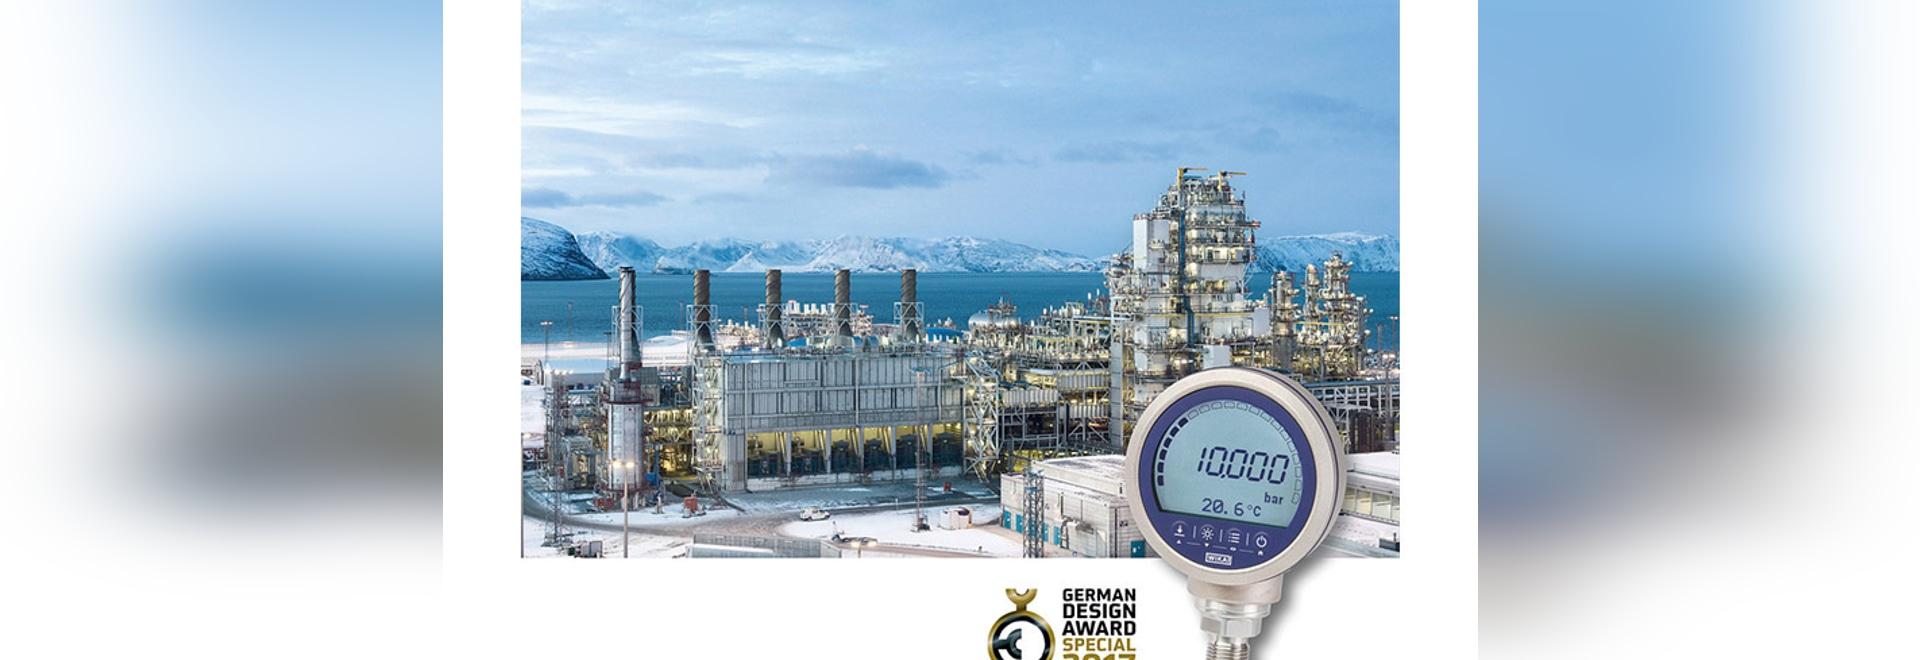 CPG1500: Höchstdruck-Bereich, Beweglich-App und deutscher Entwurfs-Preis